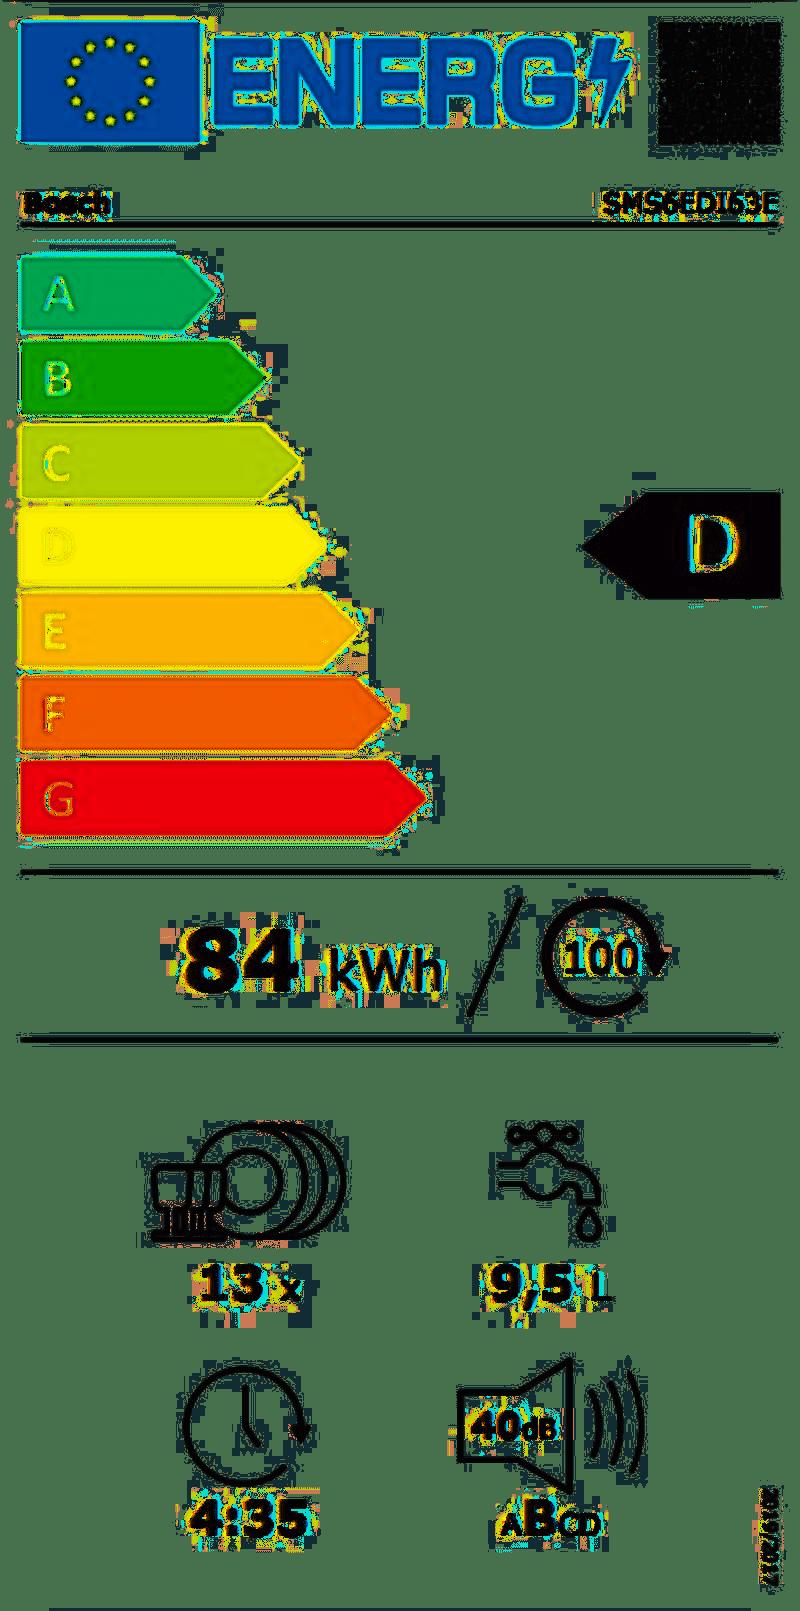 BOSCH SMS6EDI63E